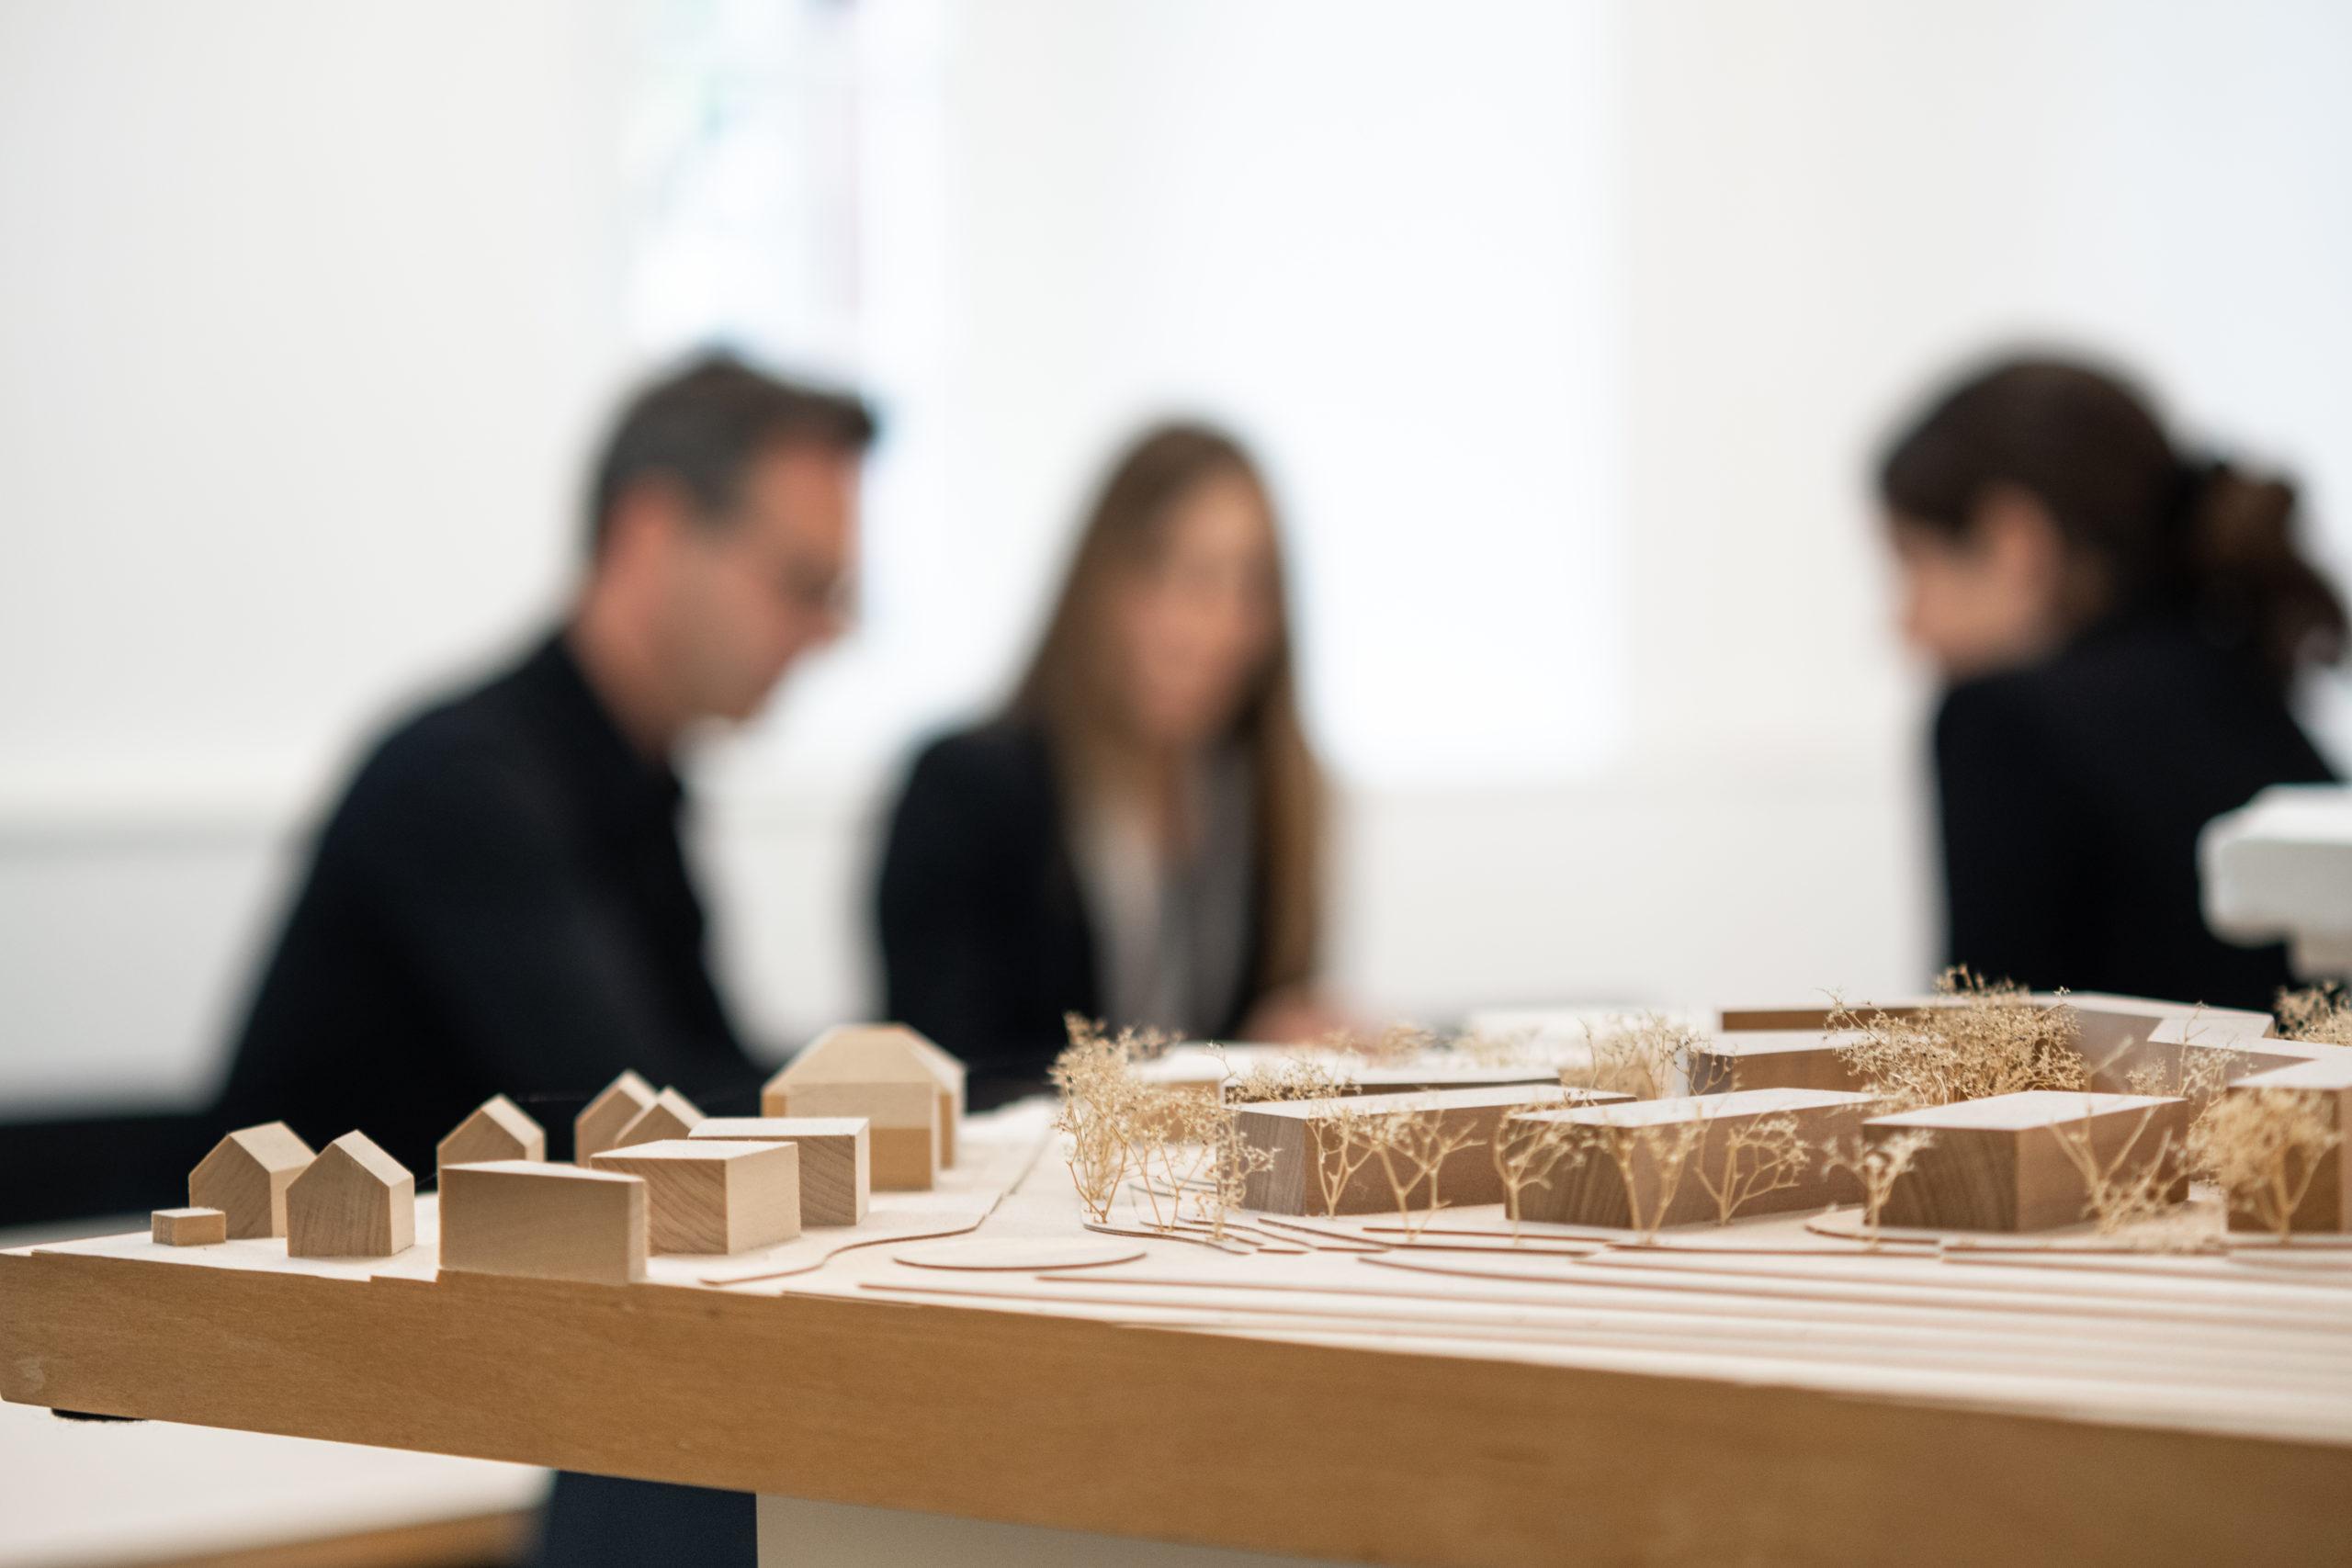 cfw architekten personen unscharf hinter eine Architur Modell im Buero01 scaled